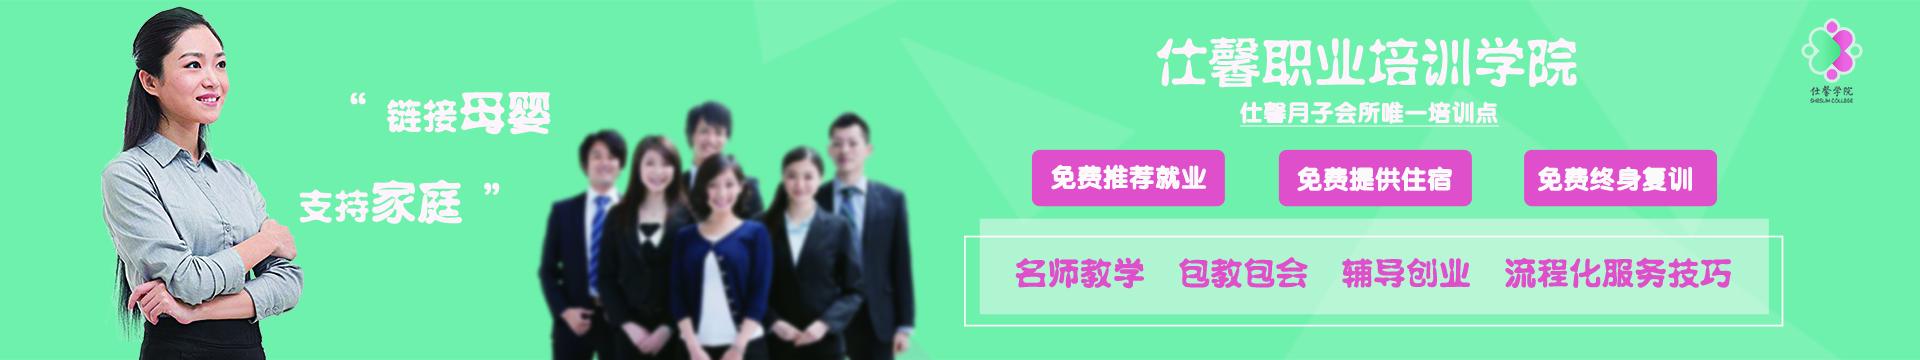 廣州培訓機構